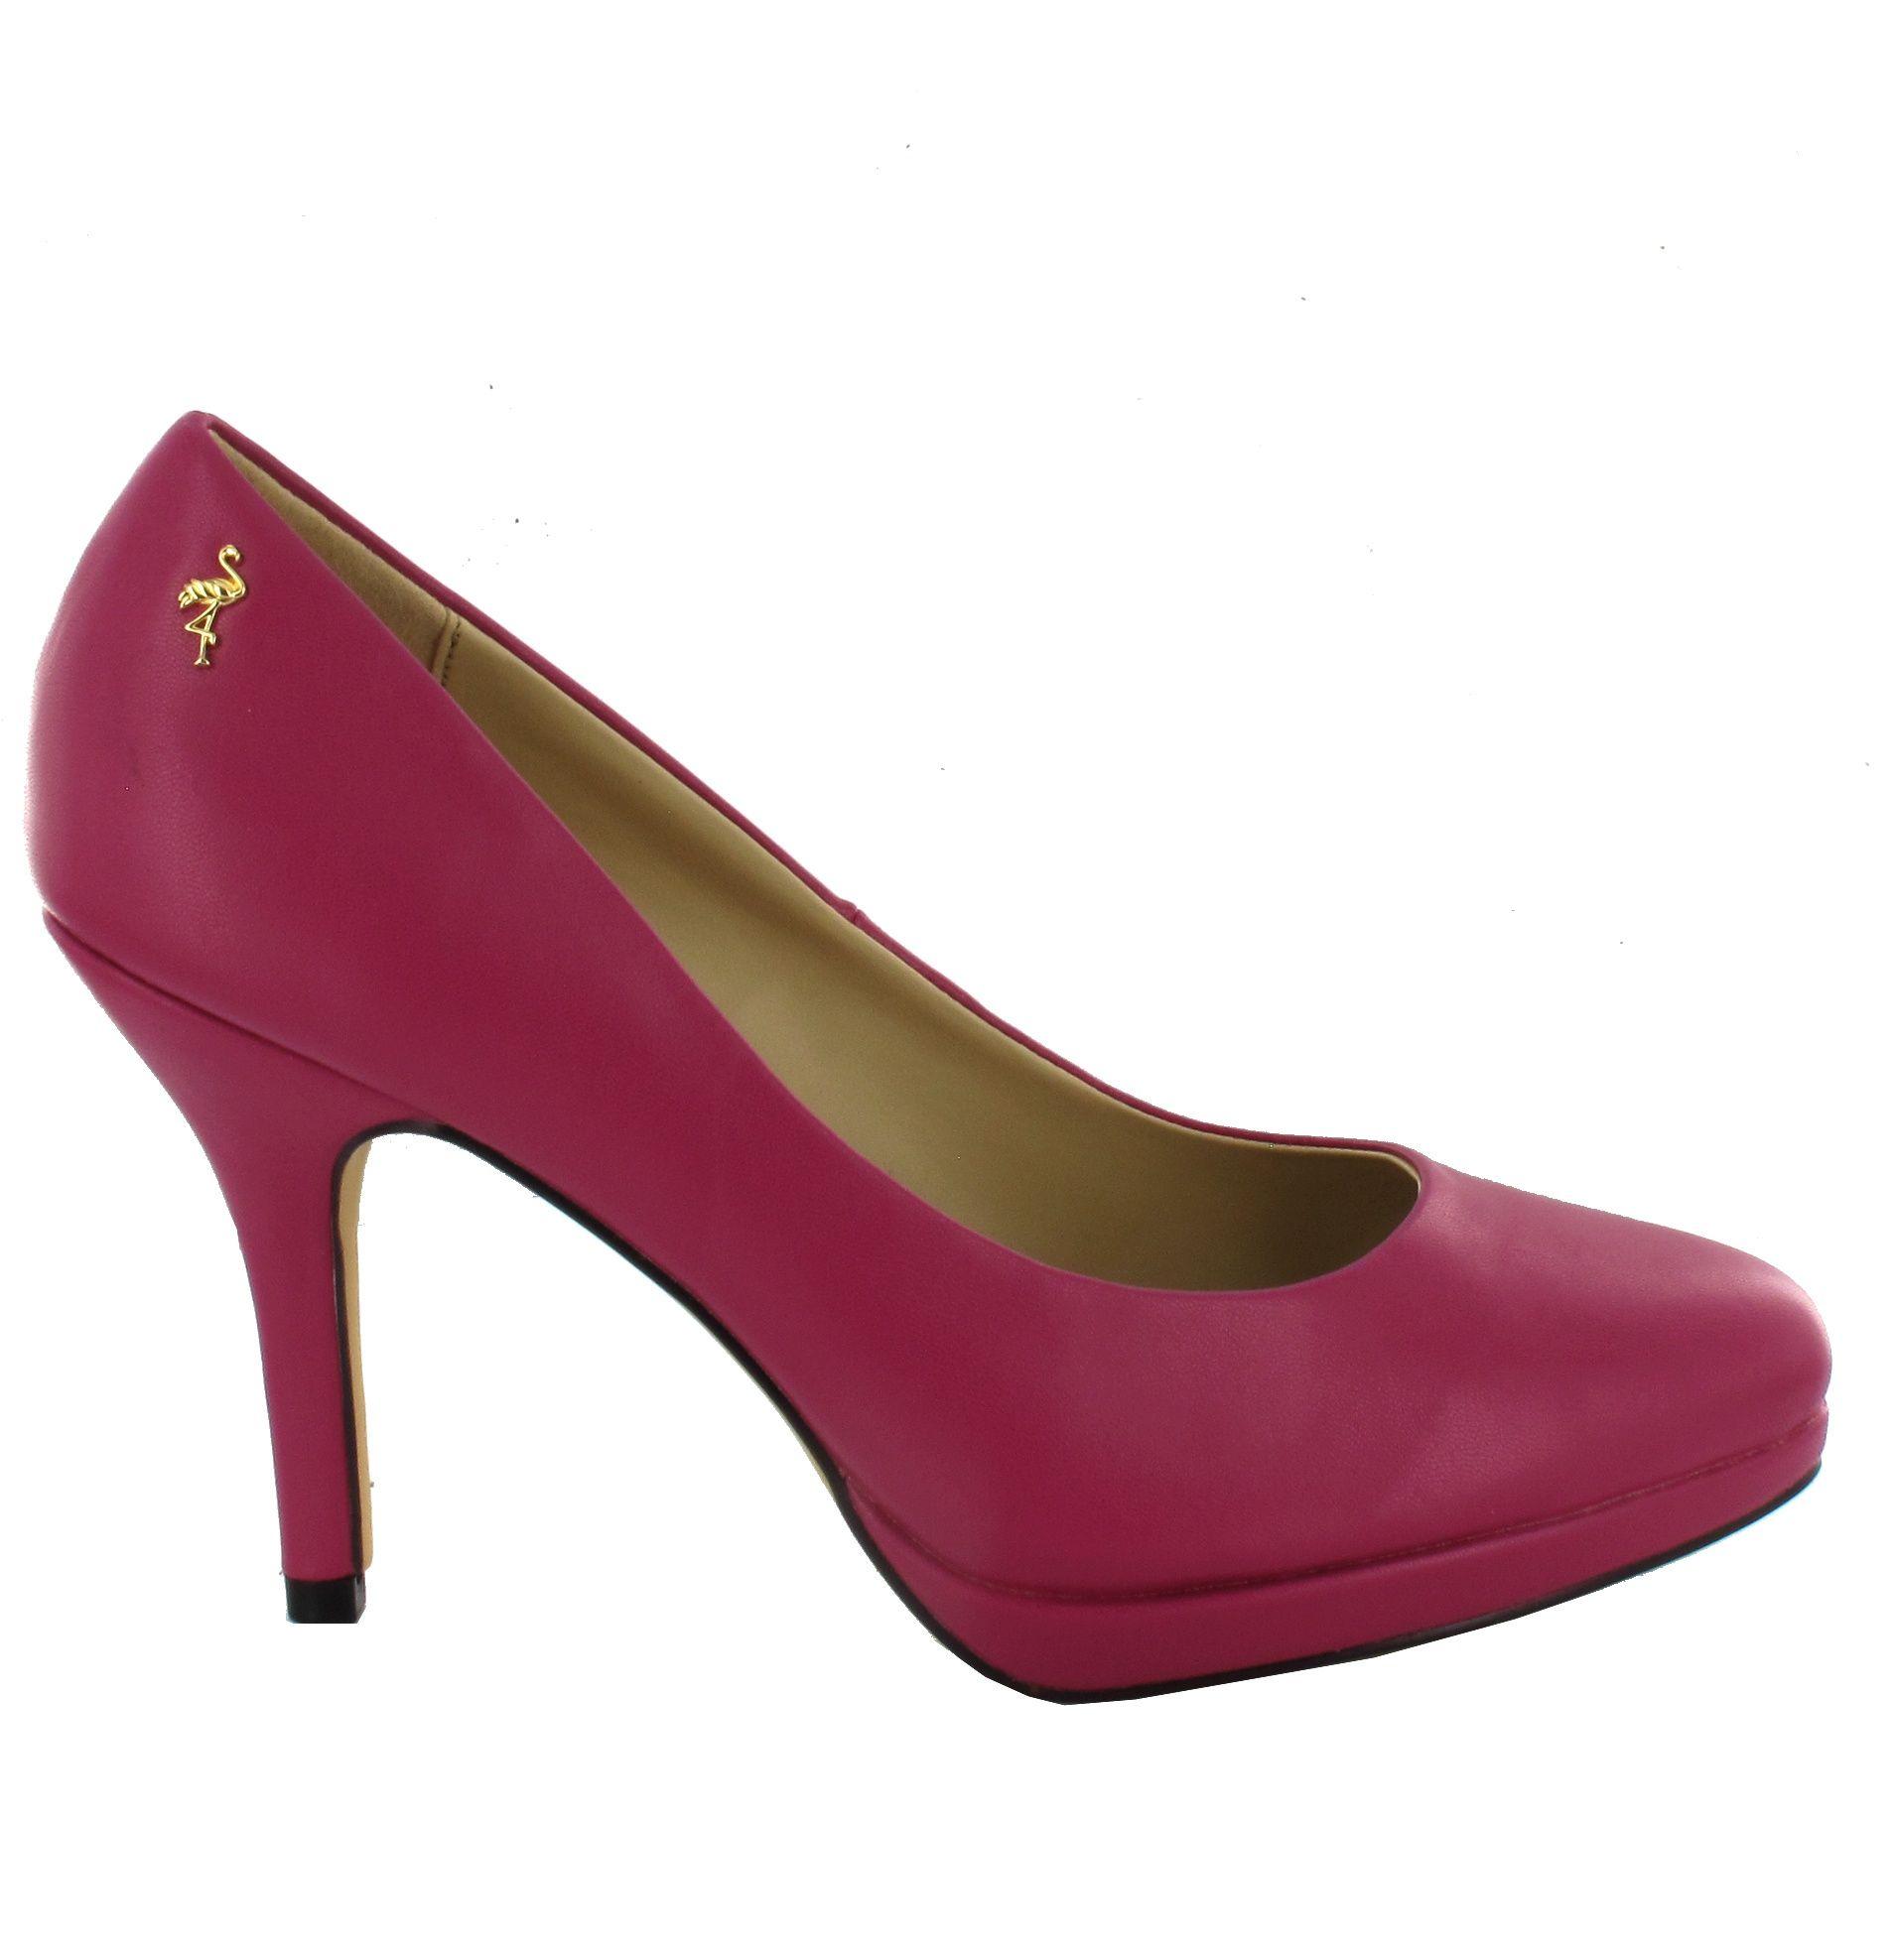 836943d7 Zapato de piel en Rojo con plataforma. Muy cómodos y elegantes. Ref.6812  //Leather Platform heels in Red. Very comfy and elegant. Ref.6812